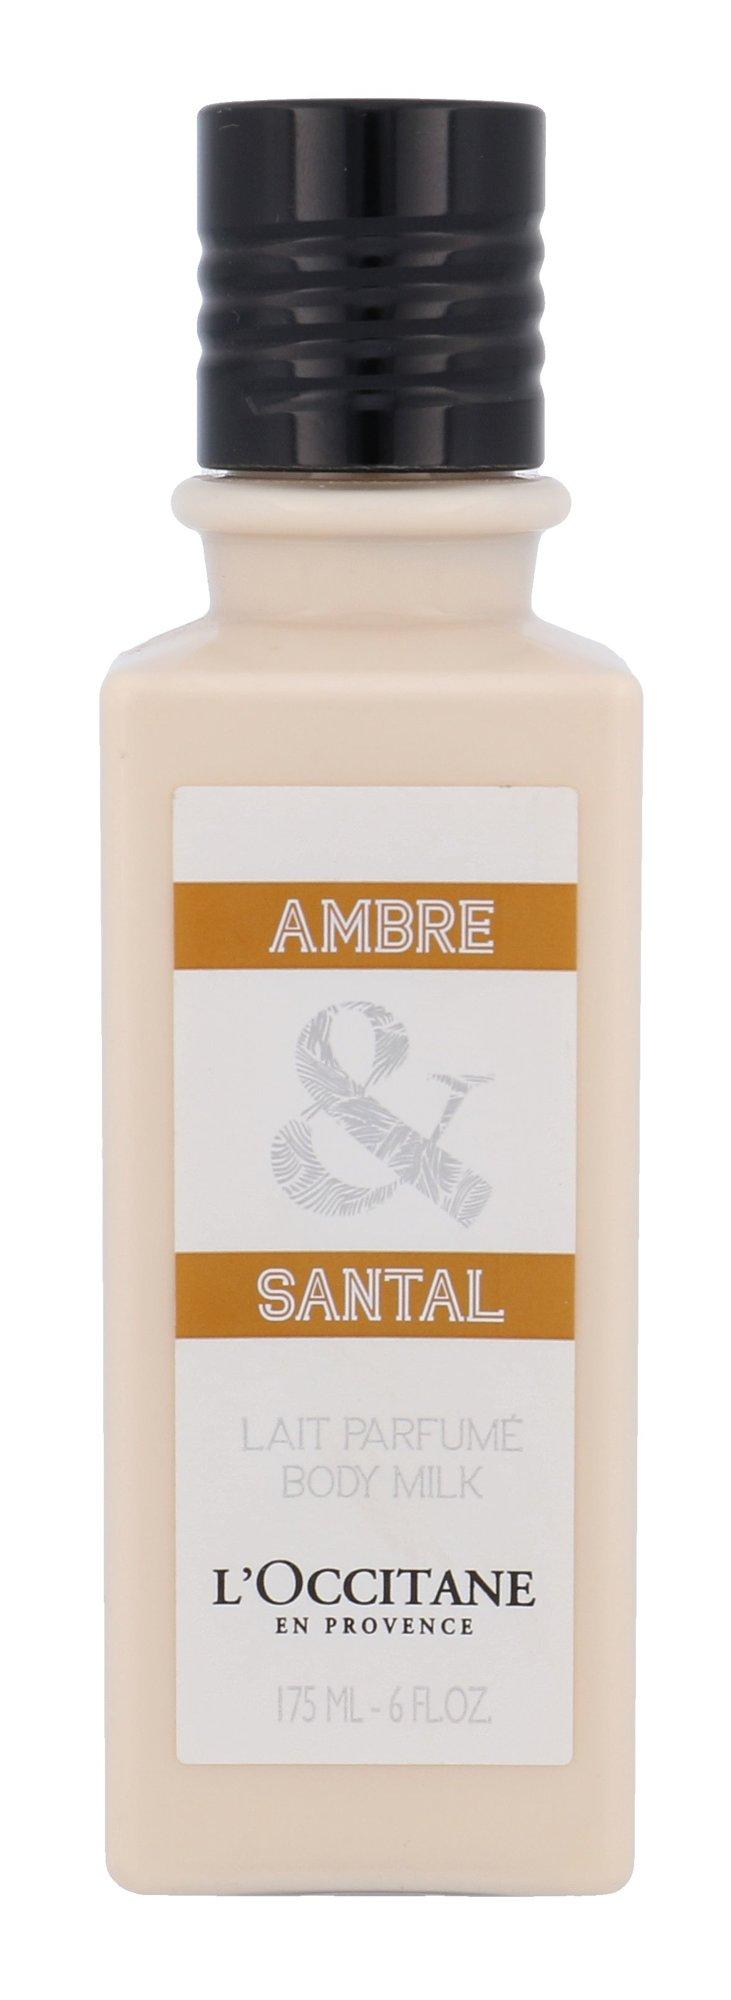 L´Occitane Ambre & Santal Cosmetic 175ml